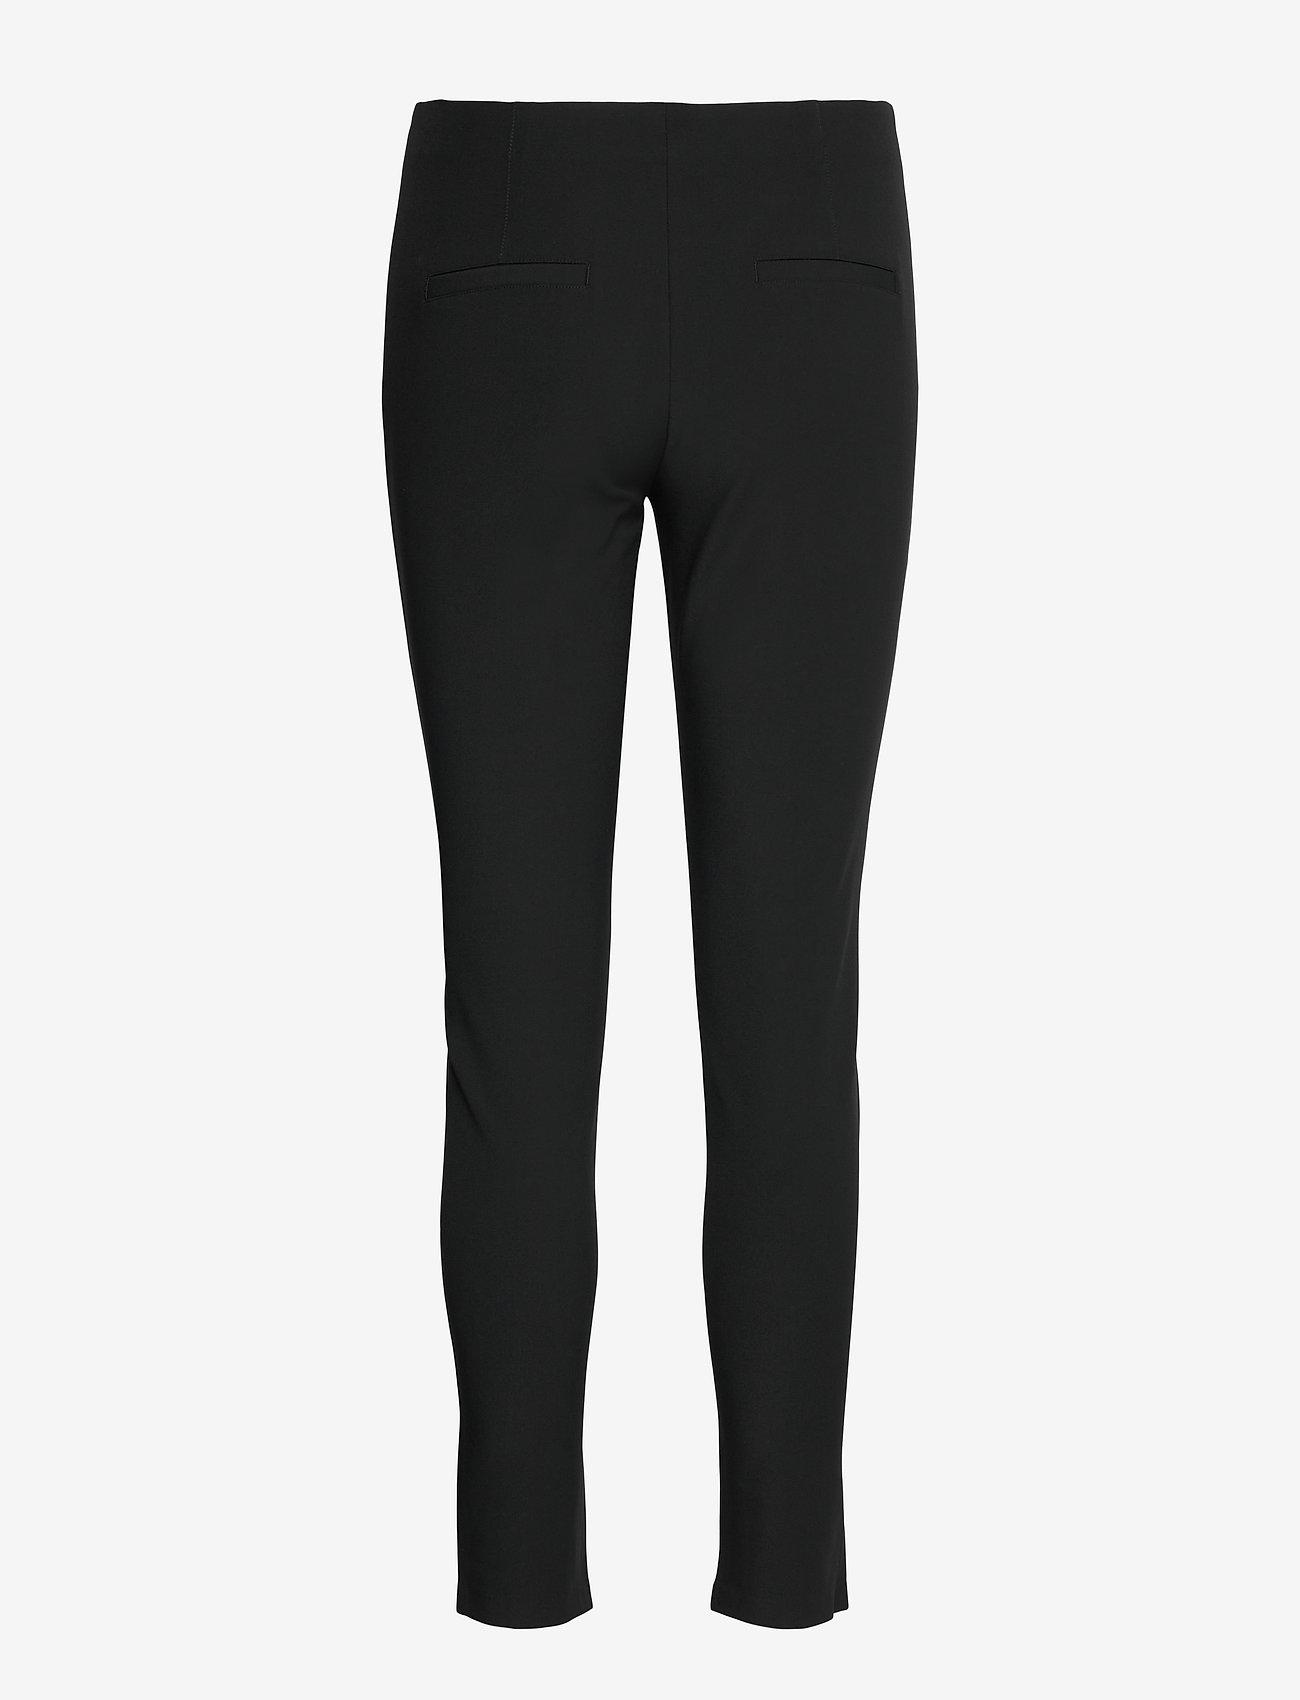 SAND - 0624 - Arella - slim fit broeken - black - 1